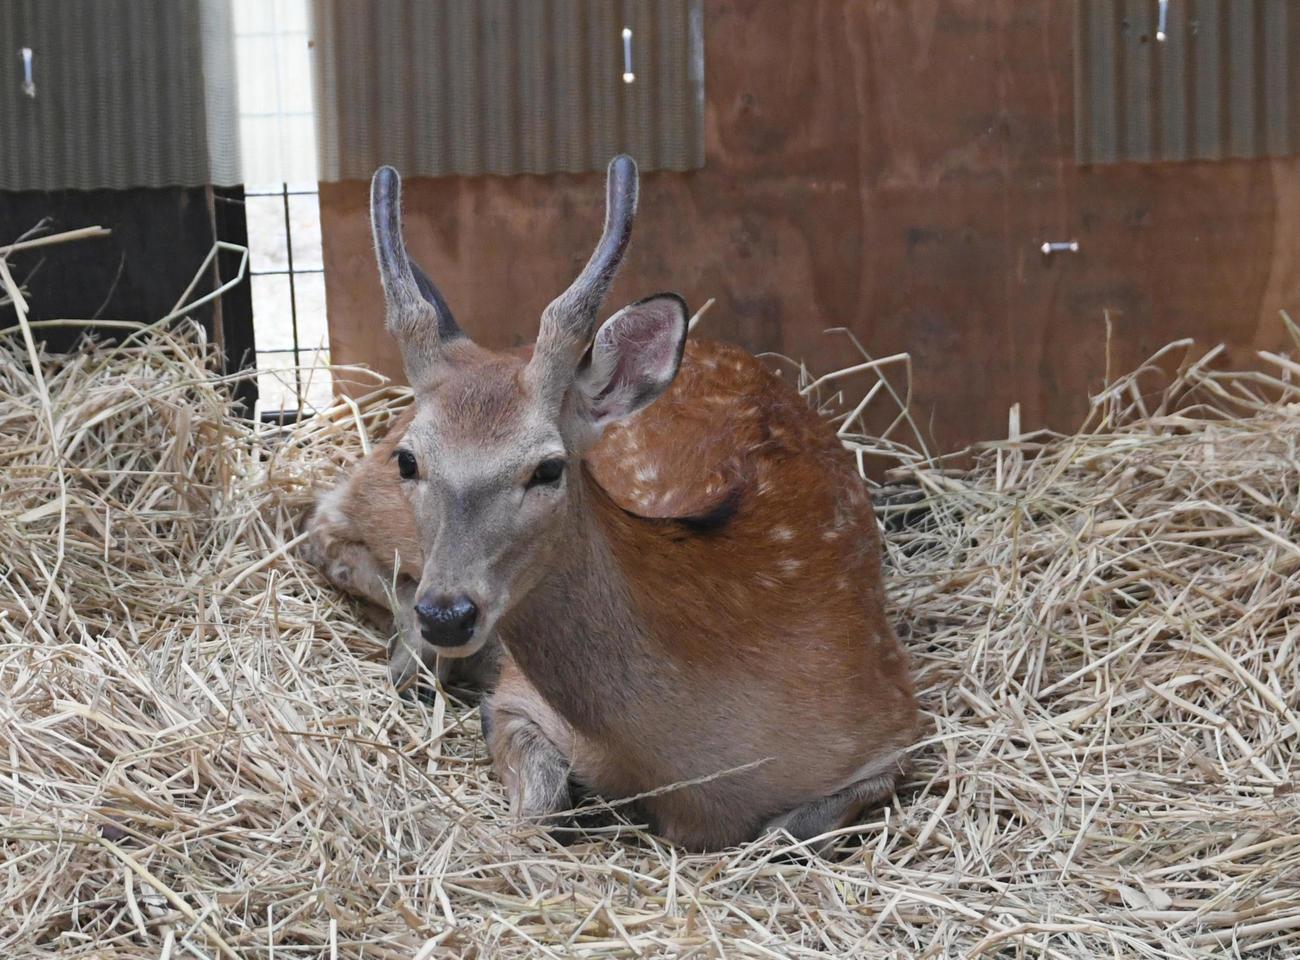 捕まった鹿は、足立区の施設でおとなしくなっていた(撮影・酒井清司)